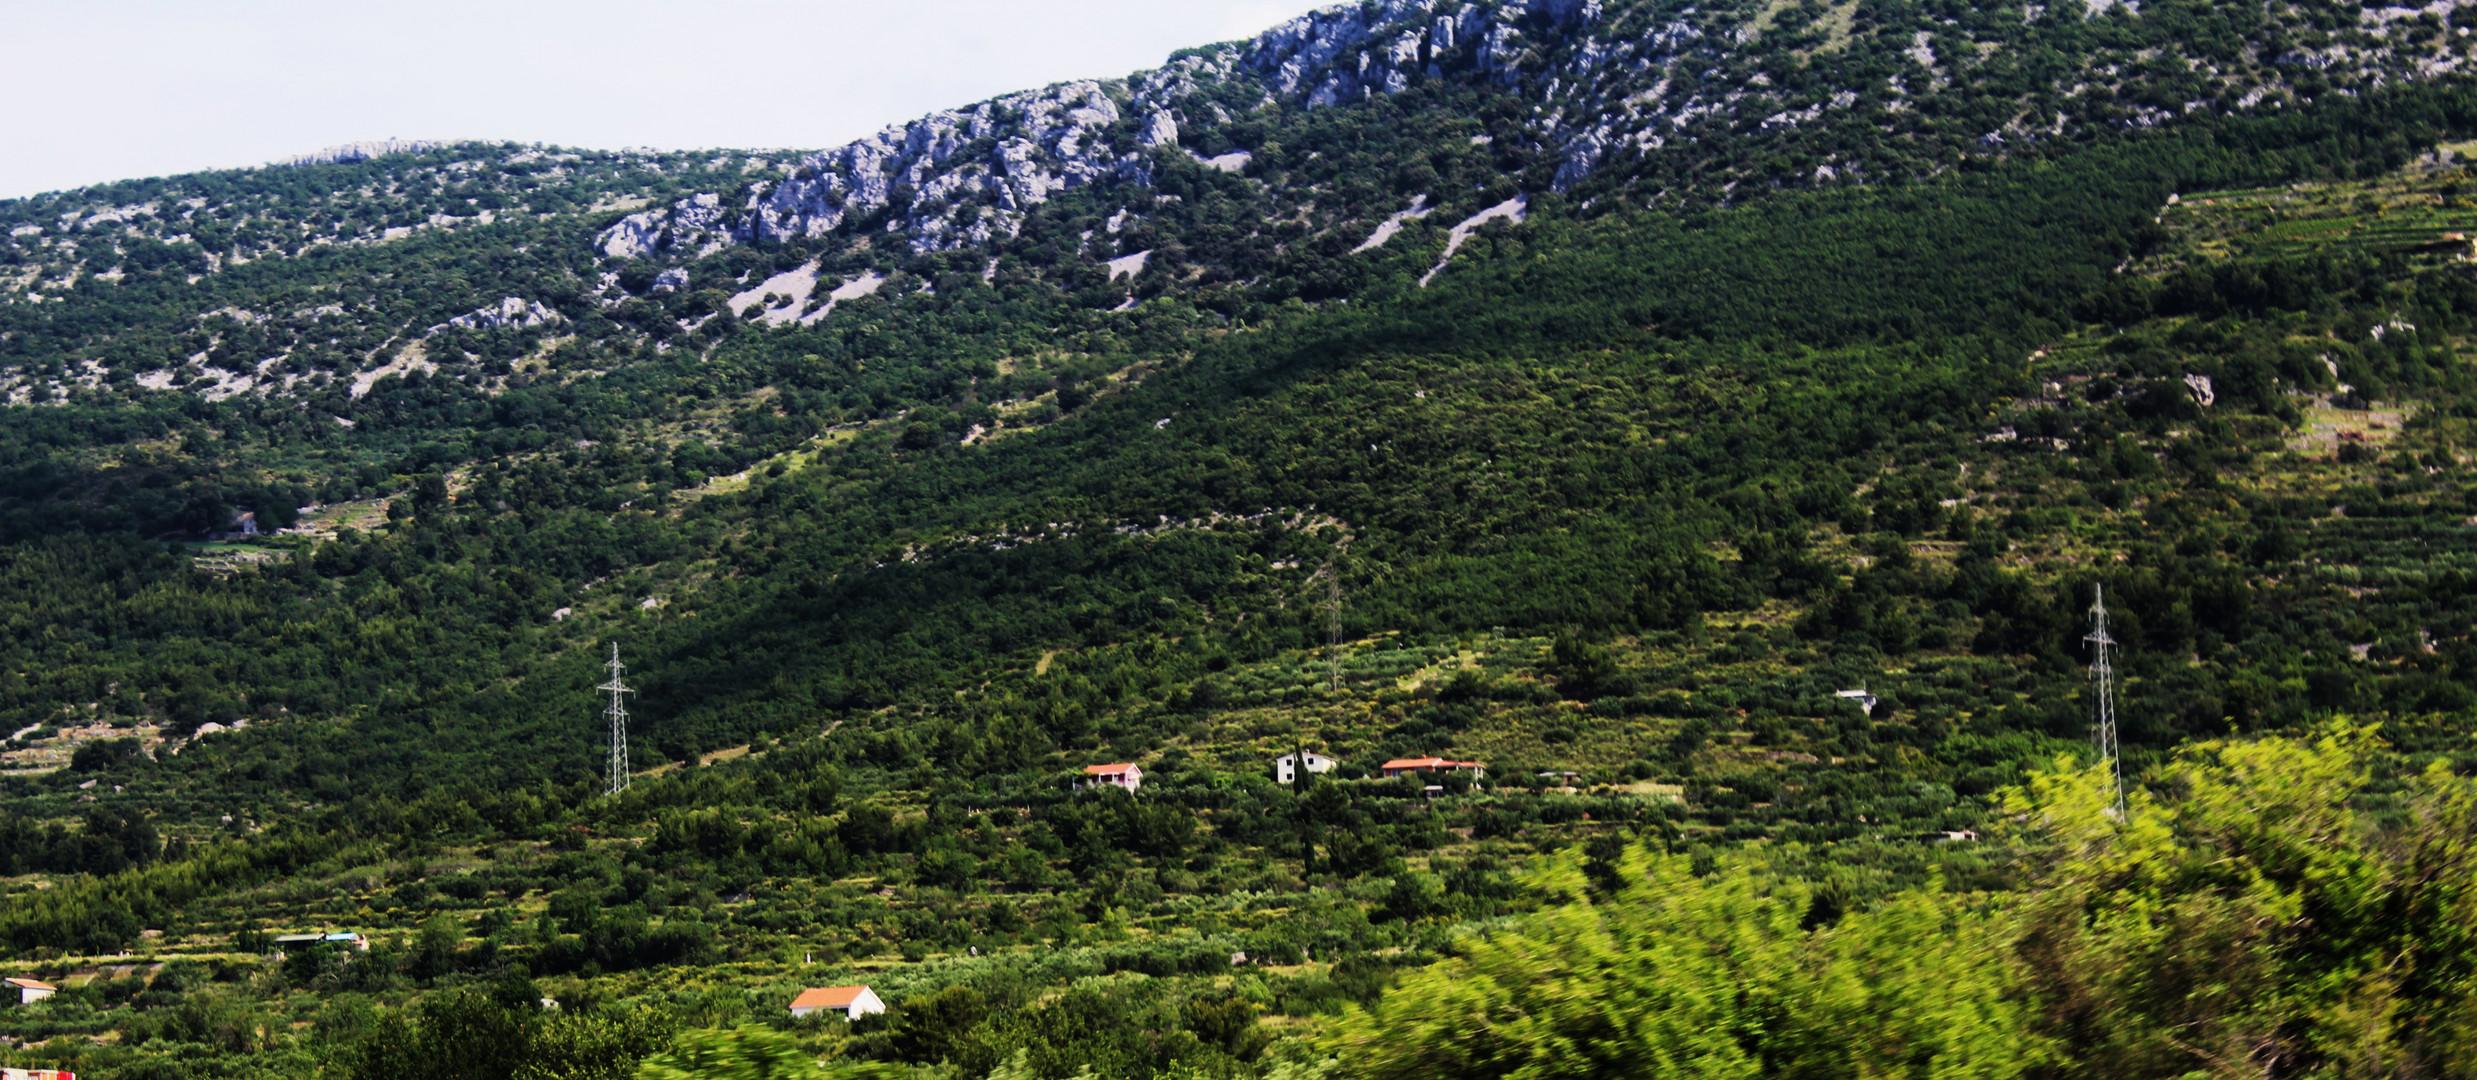 Impression Dalmatien und im Hintergrund die Berge